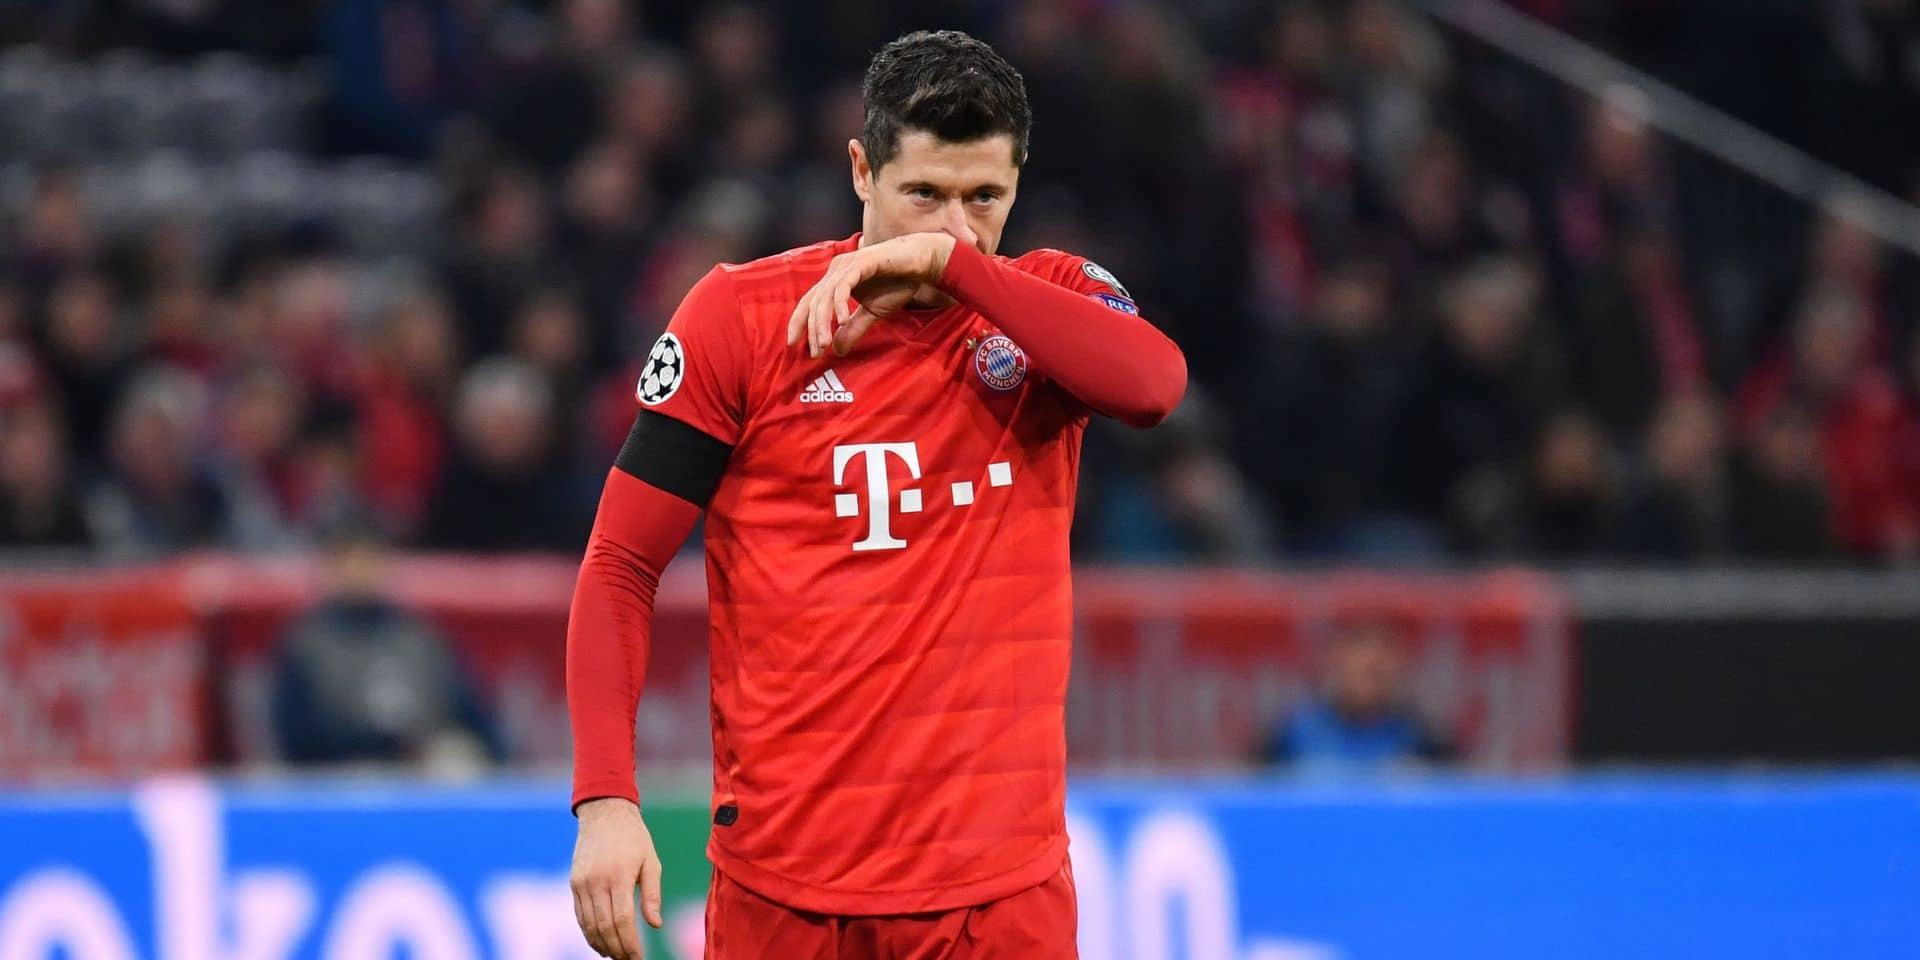 Robert Lewandowski (Bayern Munich) a repris la course après sa blessure au genou